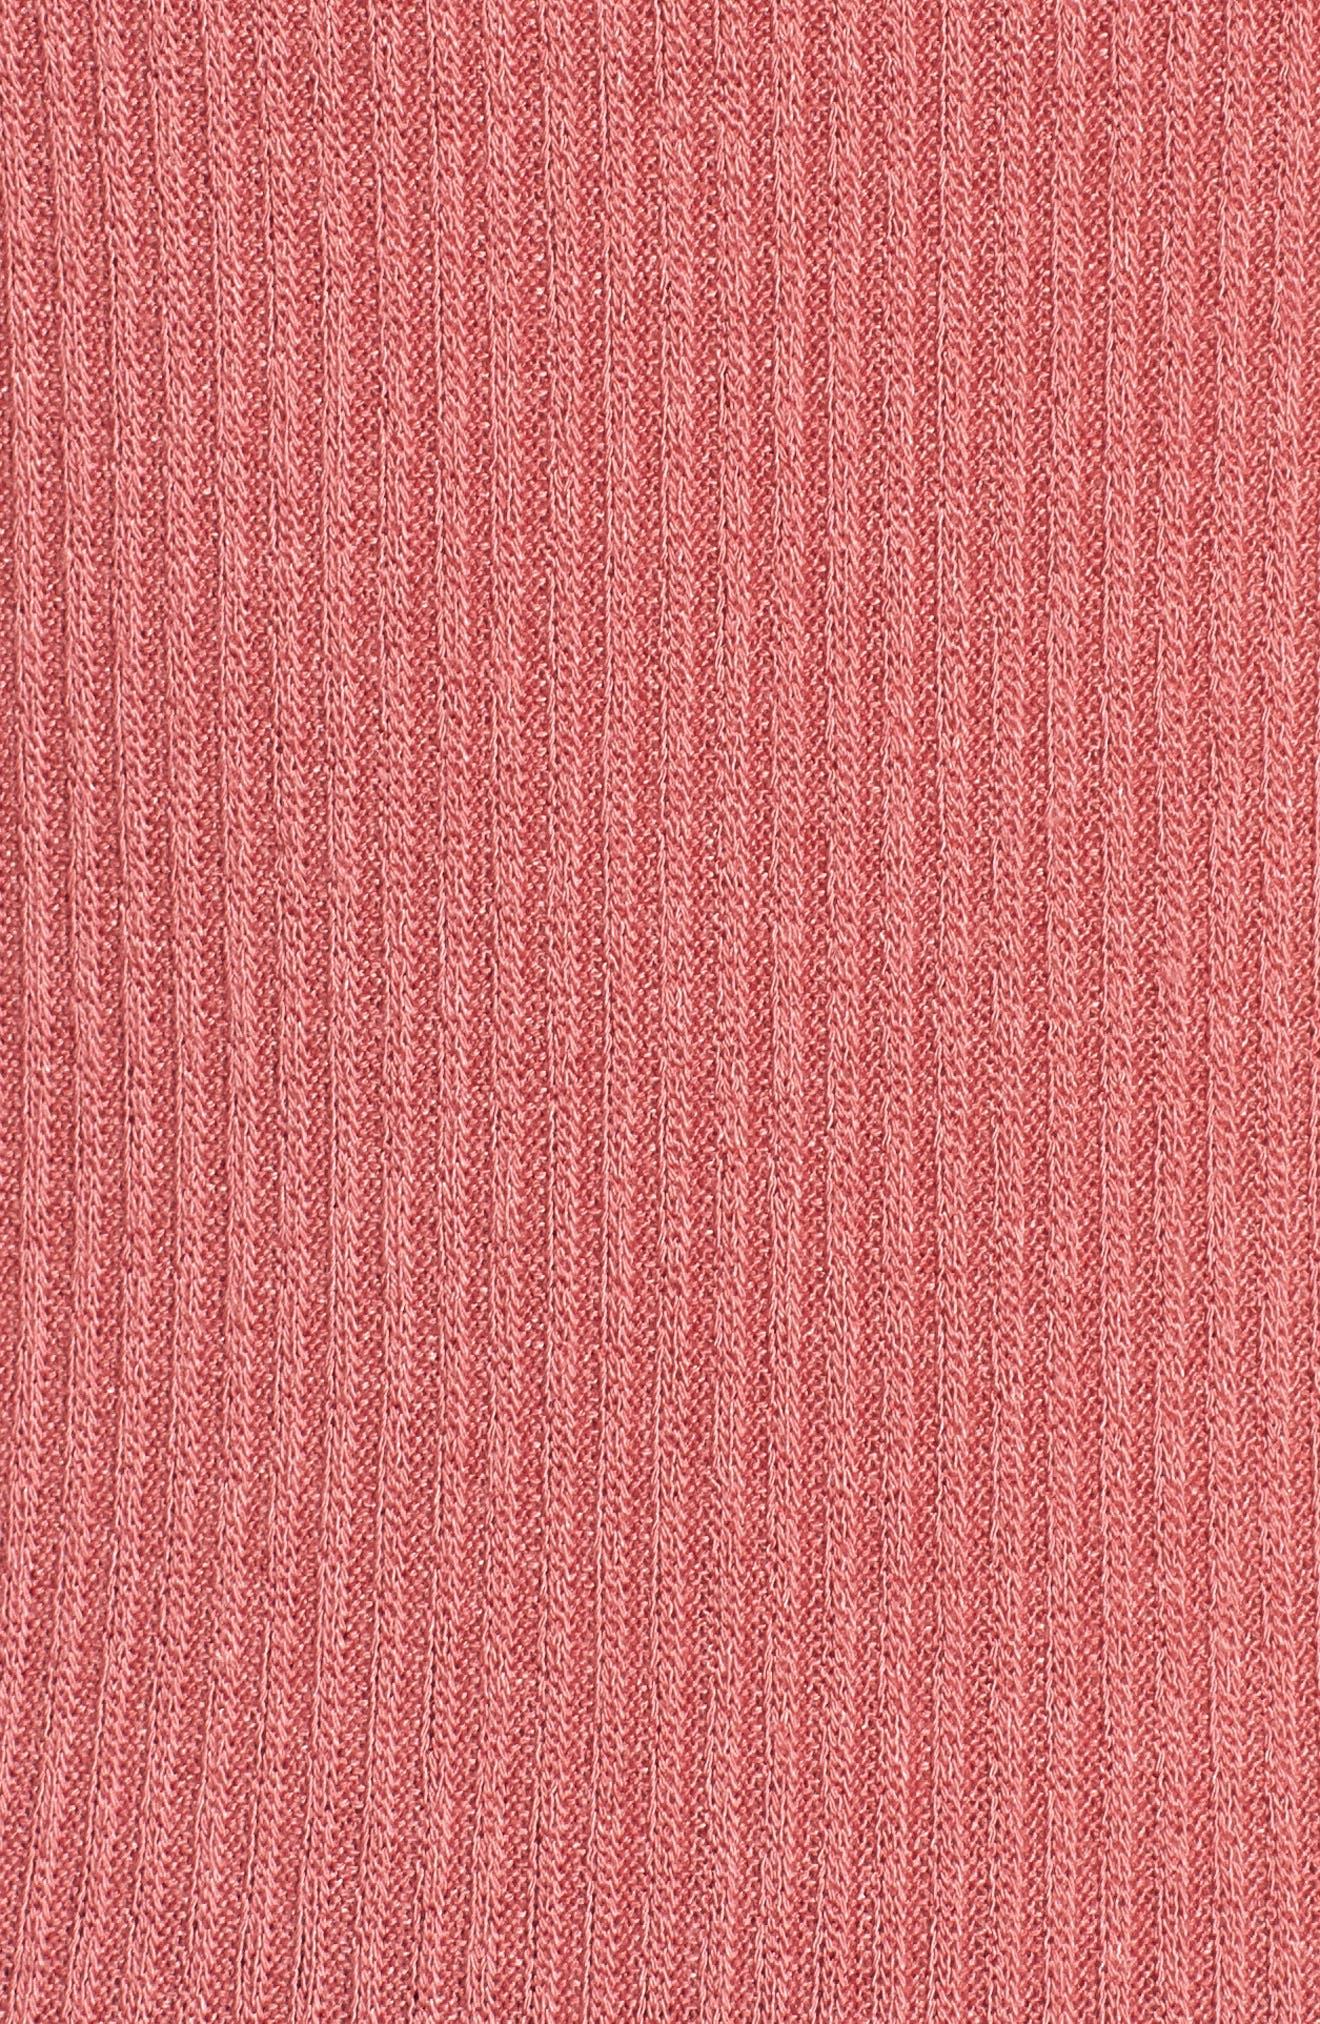 Rib Knit Tank,                             Alternate thumbnail 6, color,                             Rockin Rose